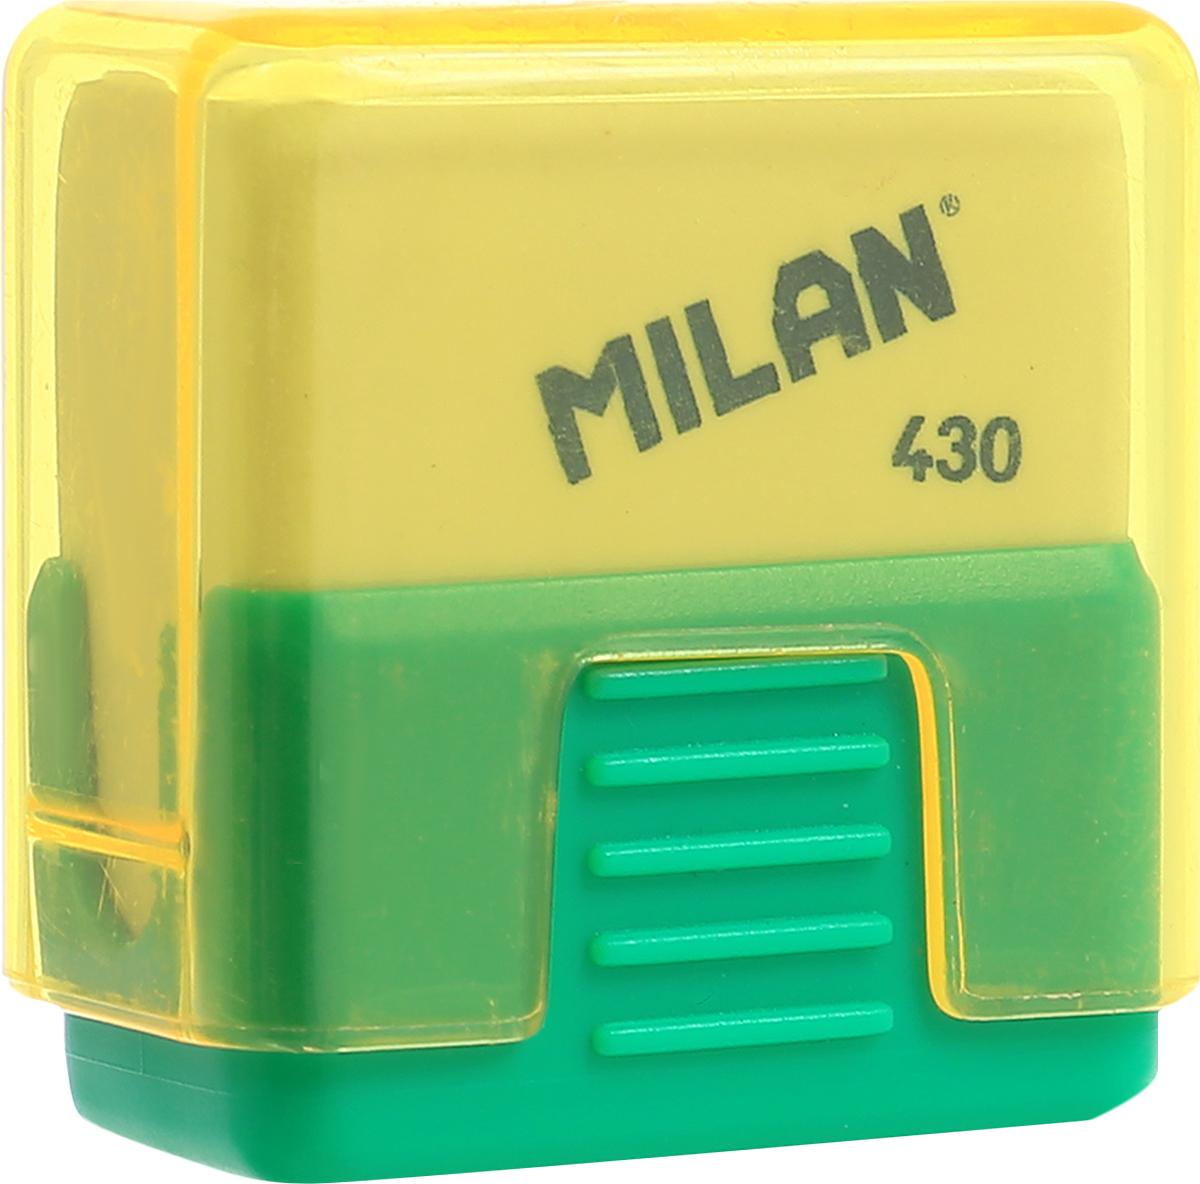 Milan Ластик School 430 цвет зеленый желтыйPR_00415Ластик Milan School 430 - это ластик с пластиковым держателем в эргономичном компактном корпусе. Заменяемый ластик.